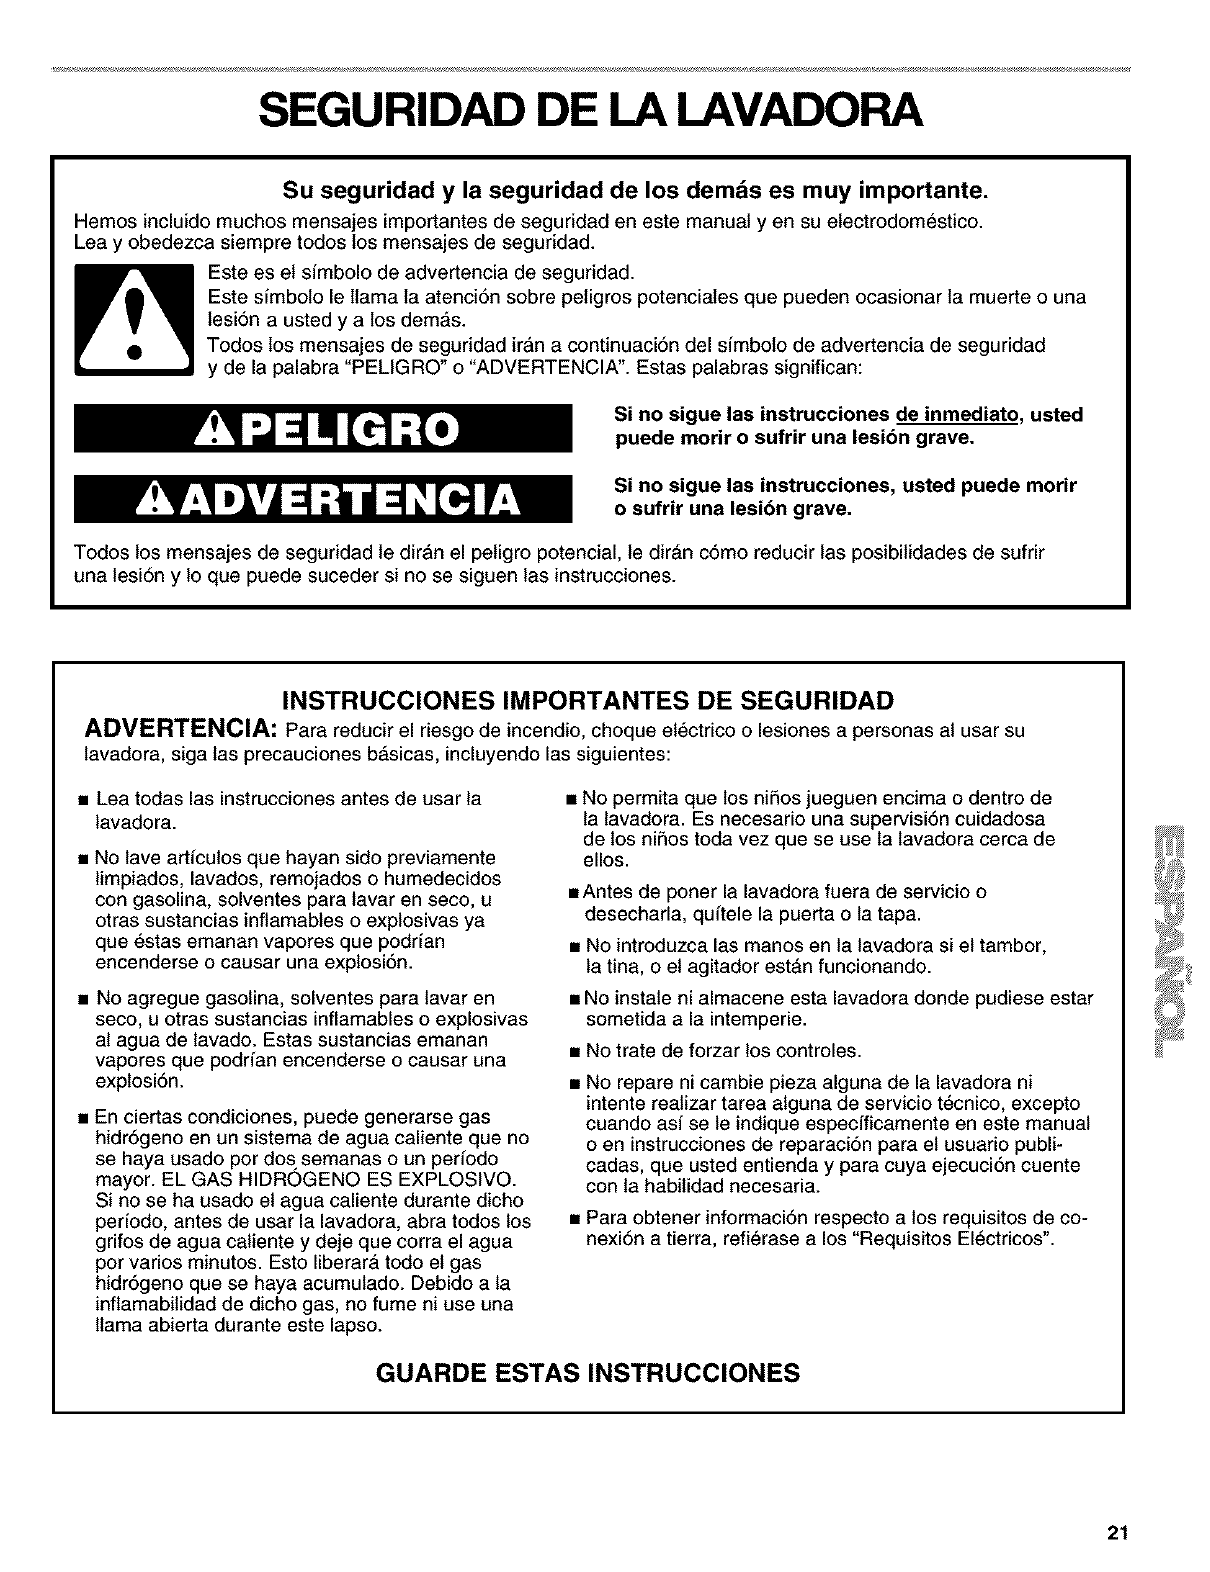 50 X interruptor principal de advertencia amarillo Etiquetas De Seguridad 70 Mm x 15 mm no Rip